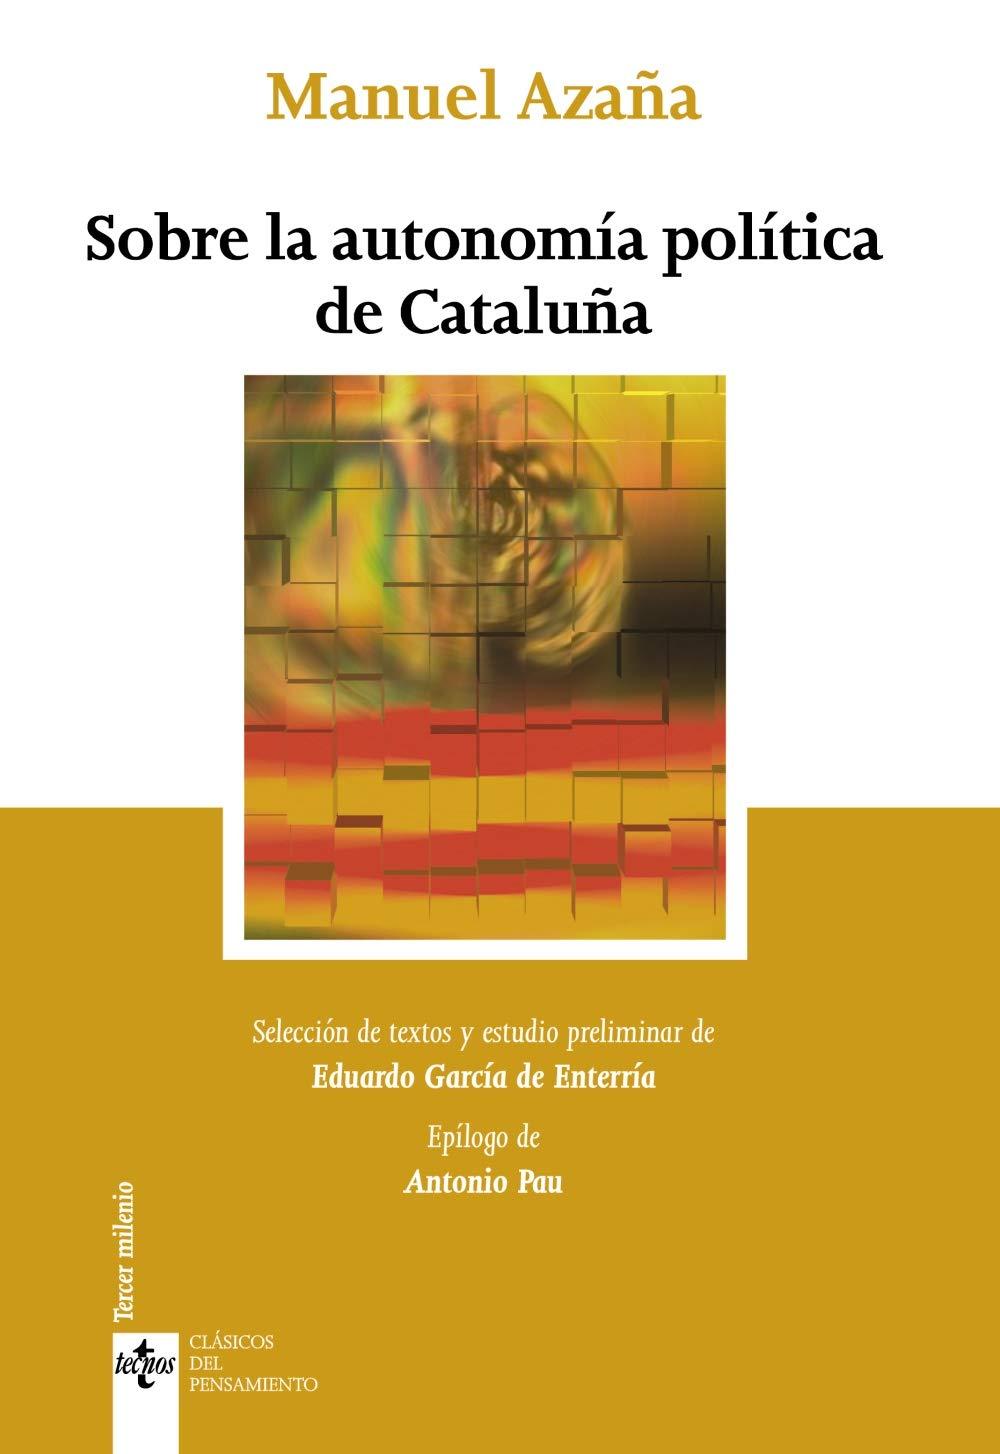 Sobre la autonomía política de Cataluña Clásicos - Clásicos ...